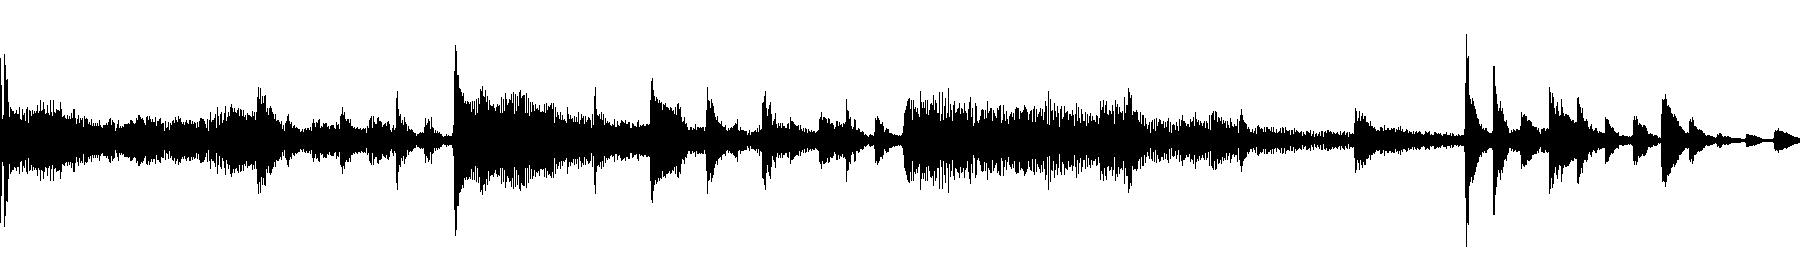 Fhp rhoarp2 120 f